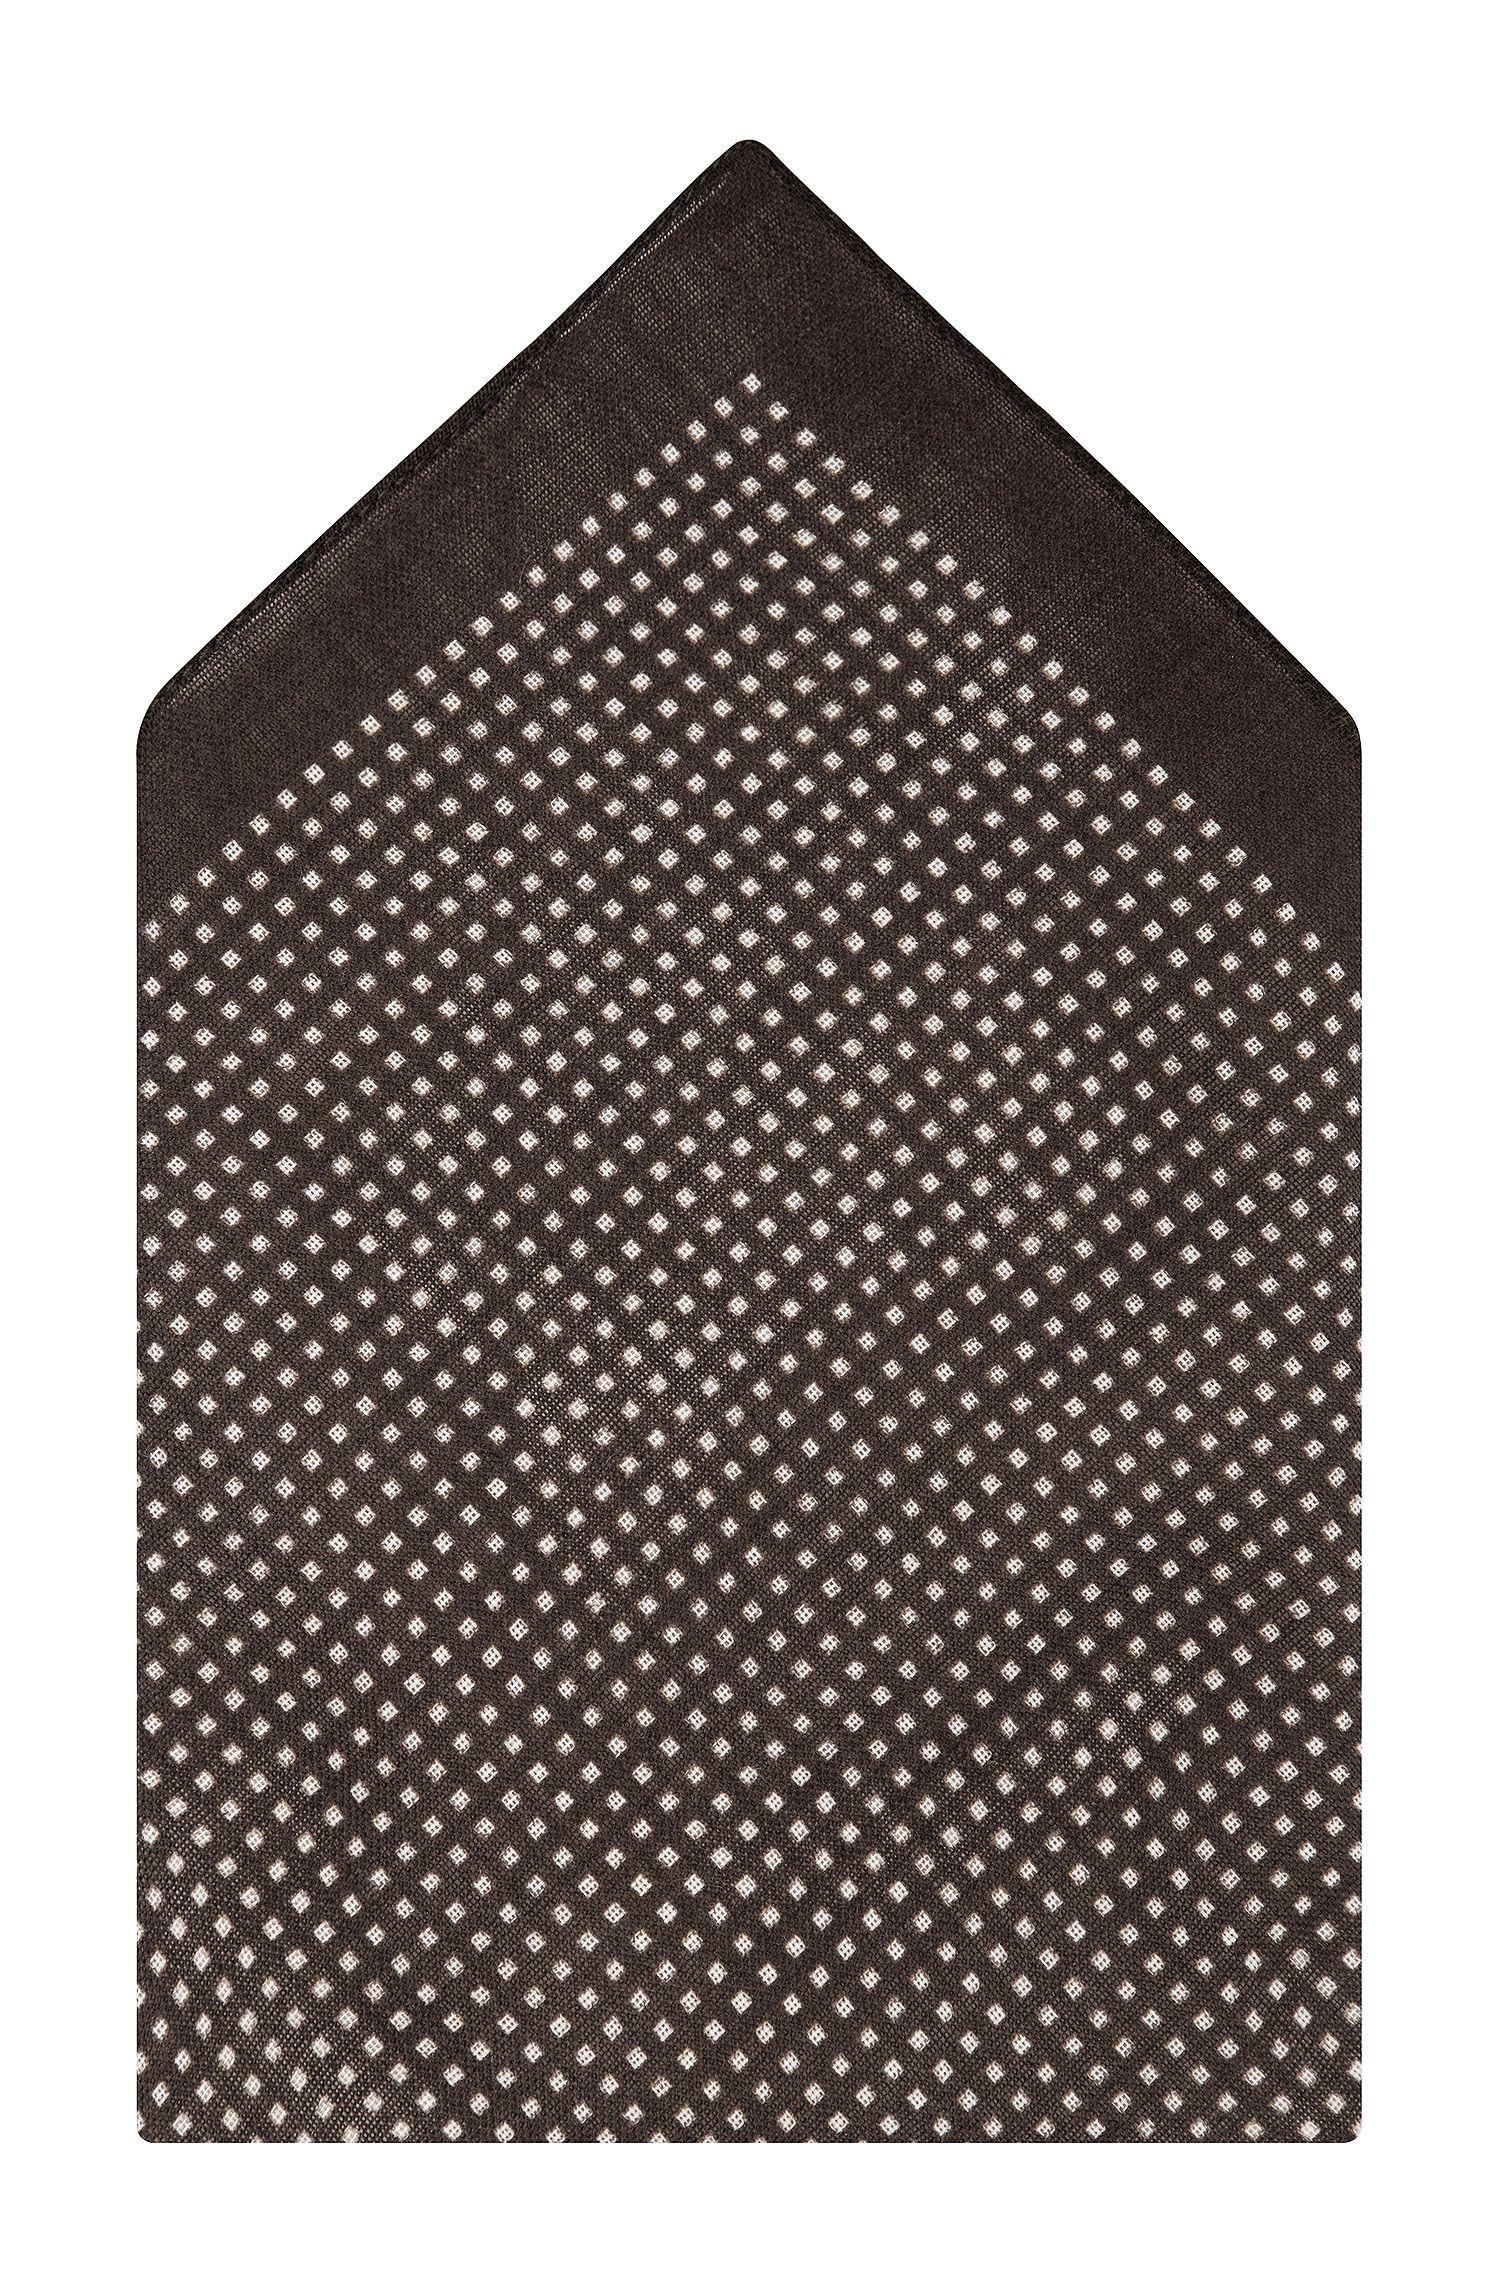 Einstecktuch ´Pocket square 33 x 33` aus Wolle